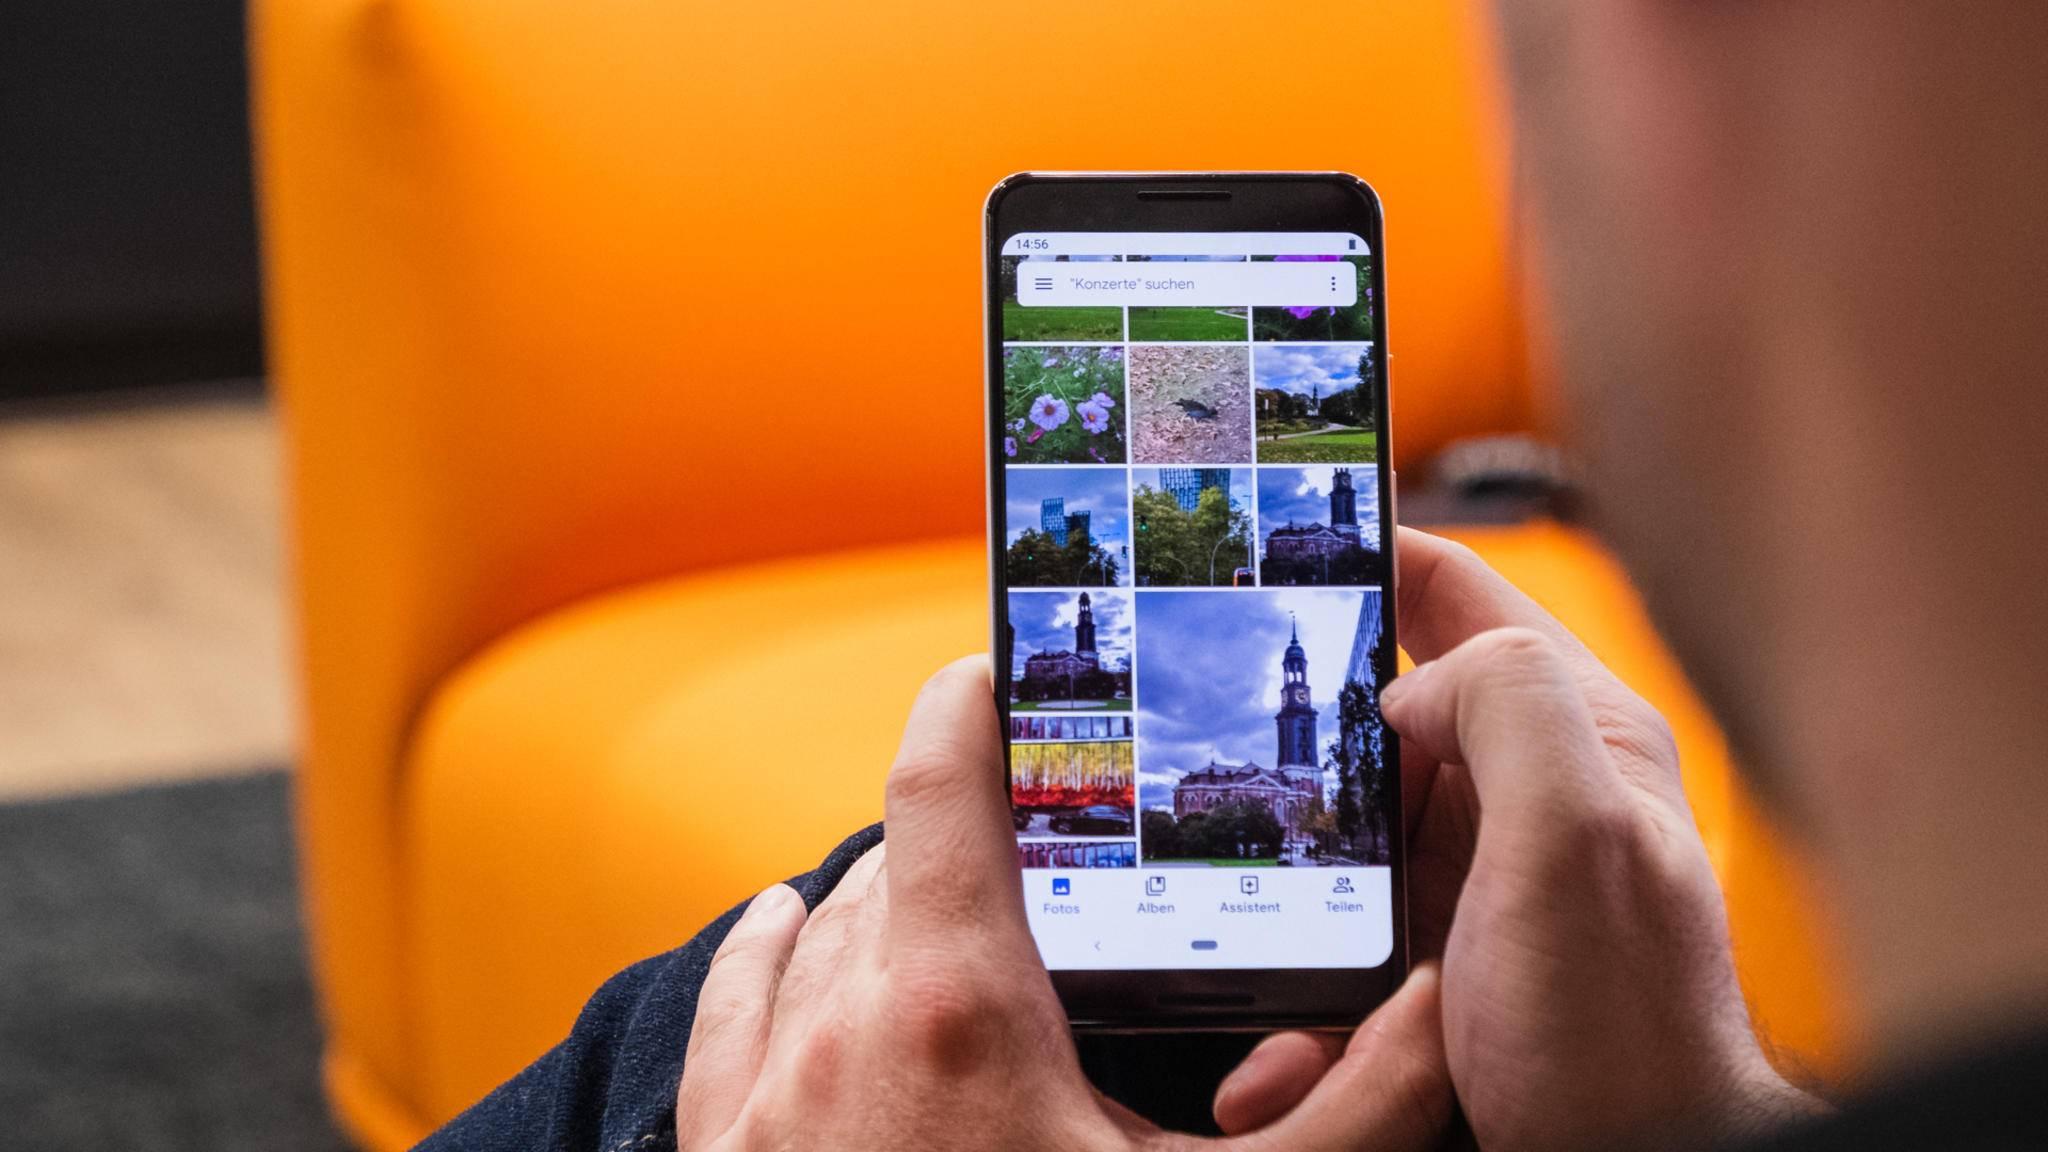 Das Google Pixel 3 Lite soll angeblich dieselbe Kamera bekommen wie das Pixel 3 (hier im Bild).